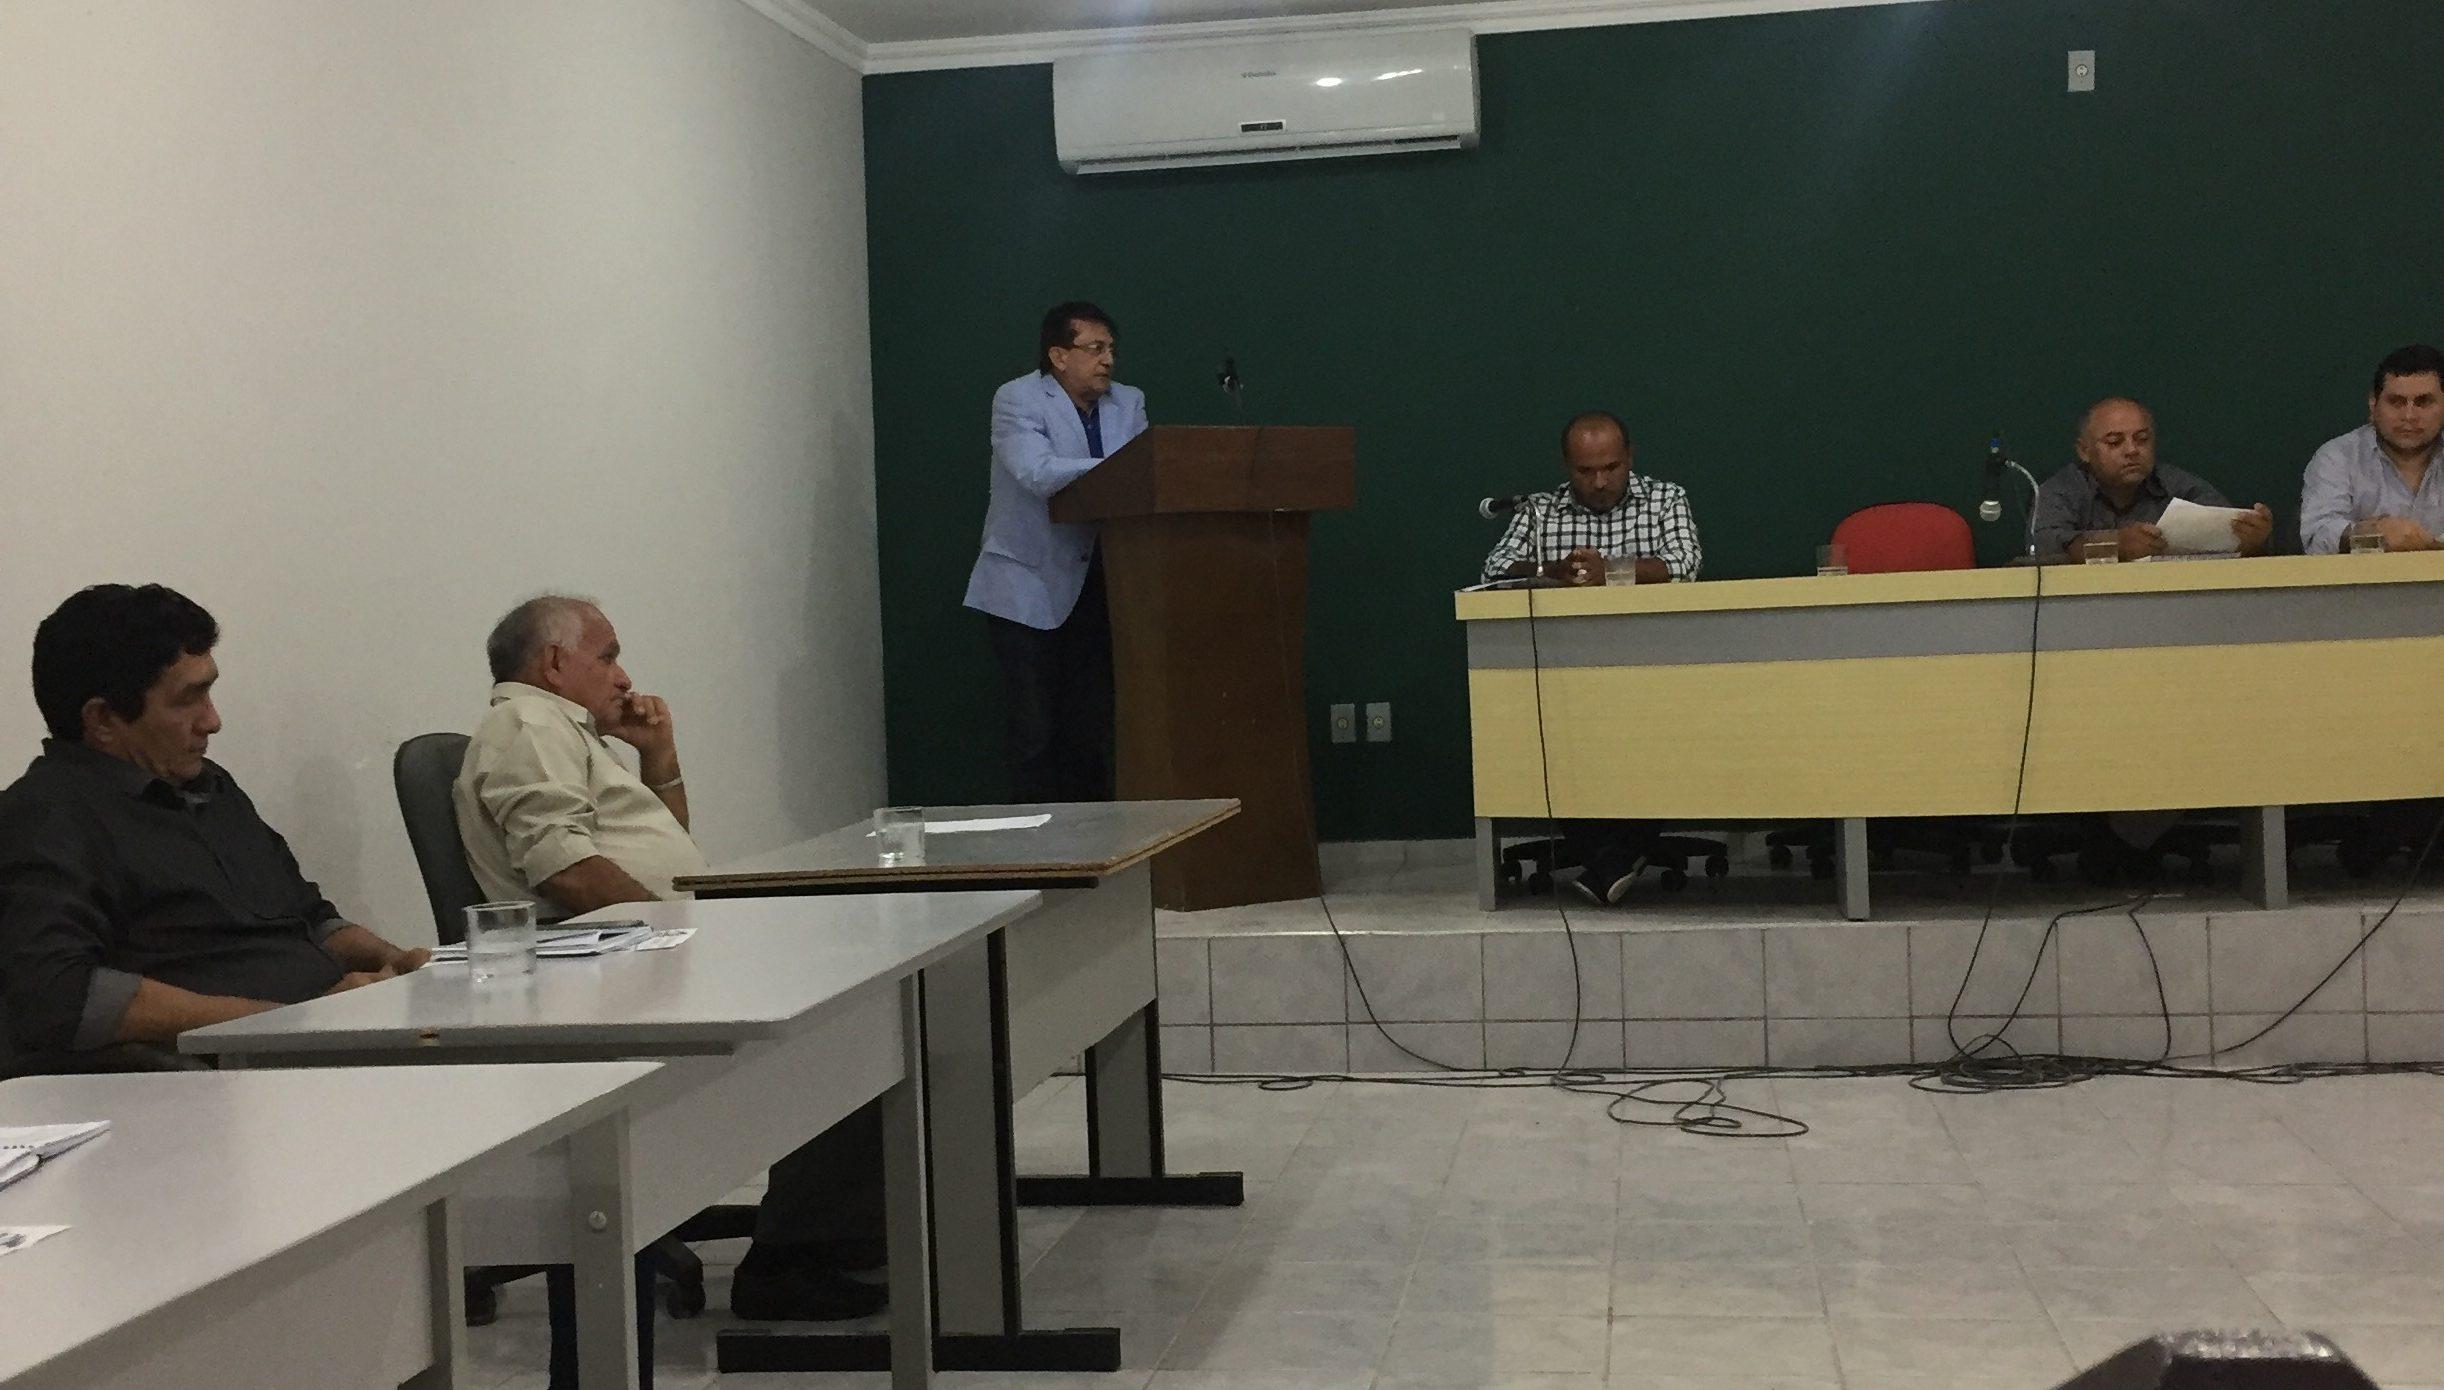 Câmara Municipal de Cajueiro da Praia inicia seus trabalhos legislativos de 2018 com mensagem do executivo